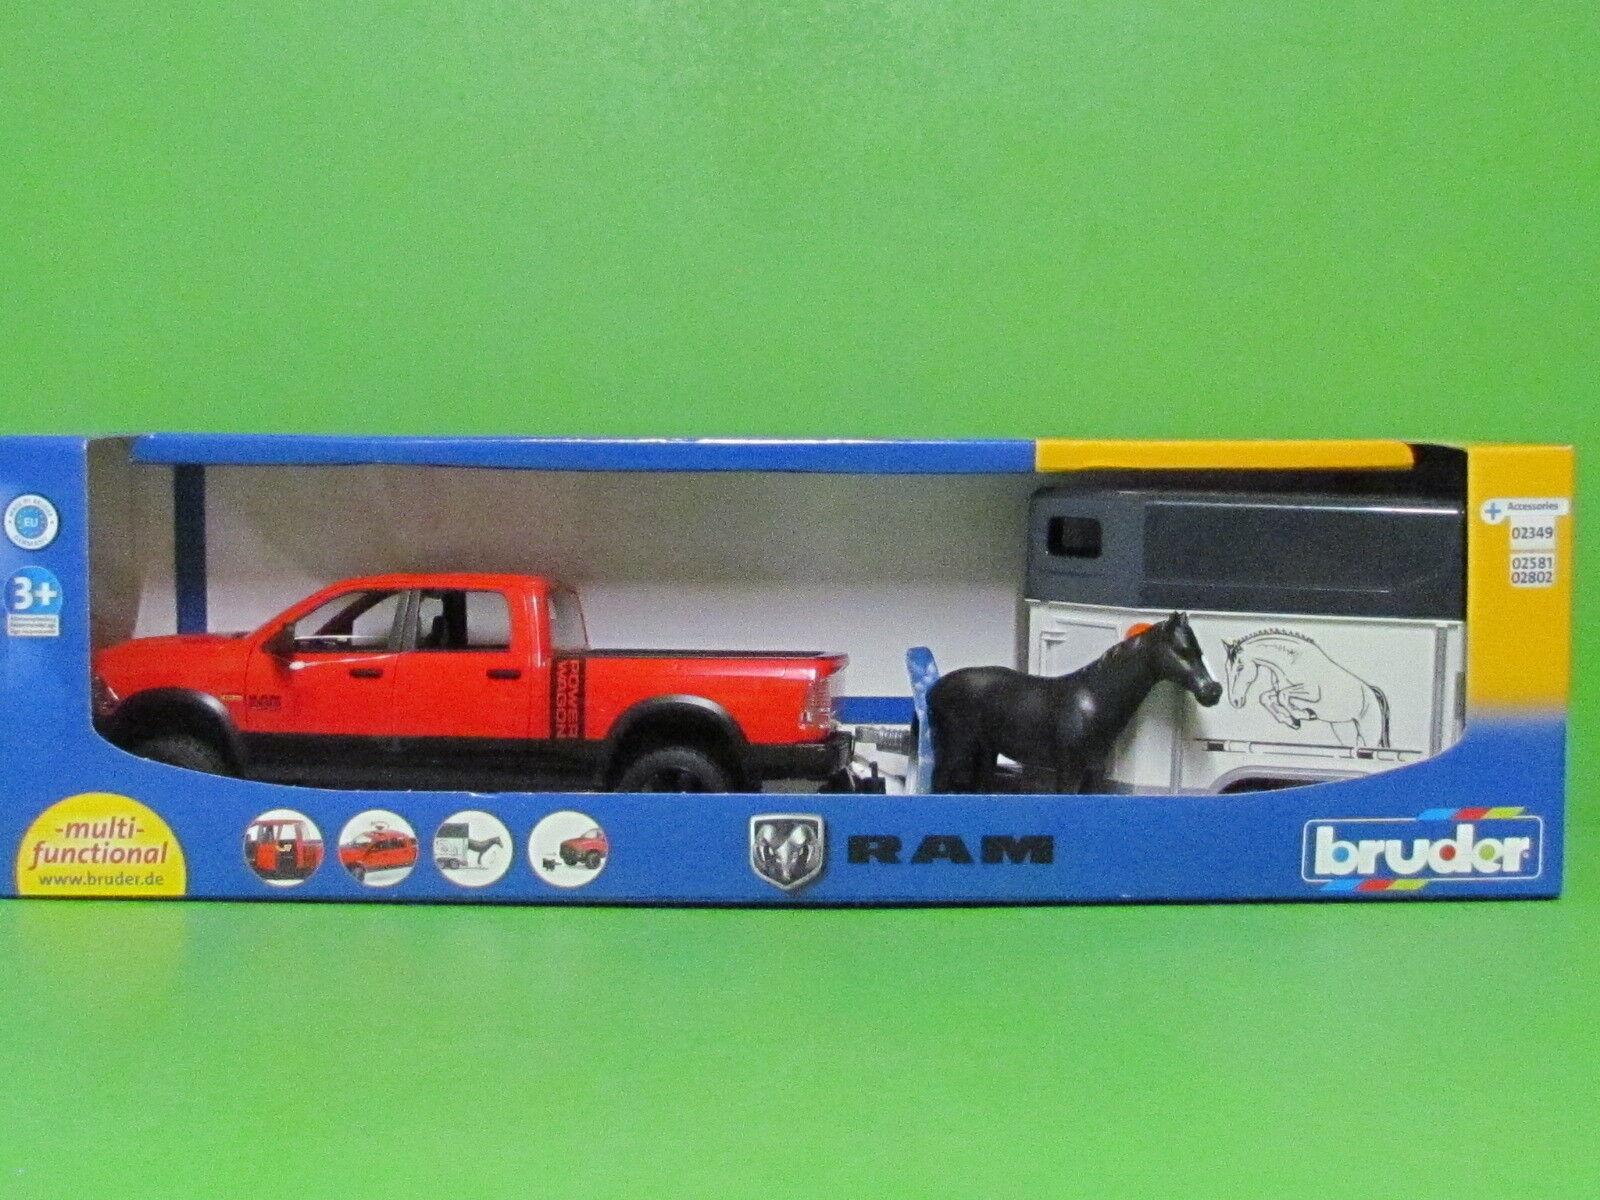 Bruder® 02501 RAM 2500 Power Wagon mit Pferdeanhänger - Blitzversand Blitzversand Blitzversand DHL-Paket 8416c8